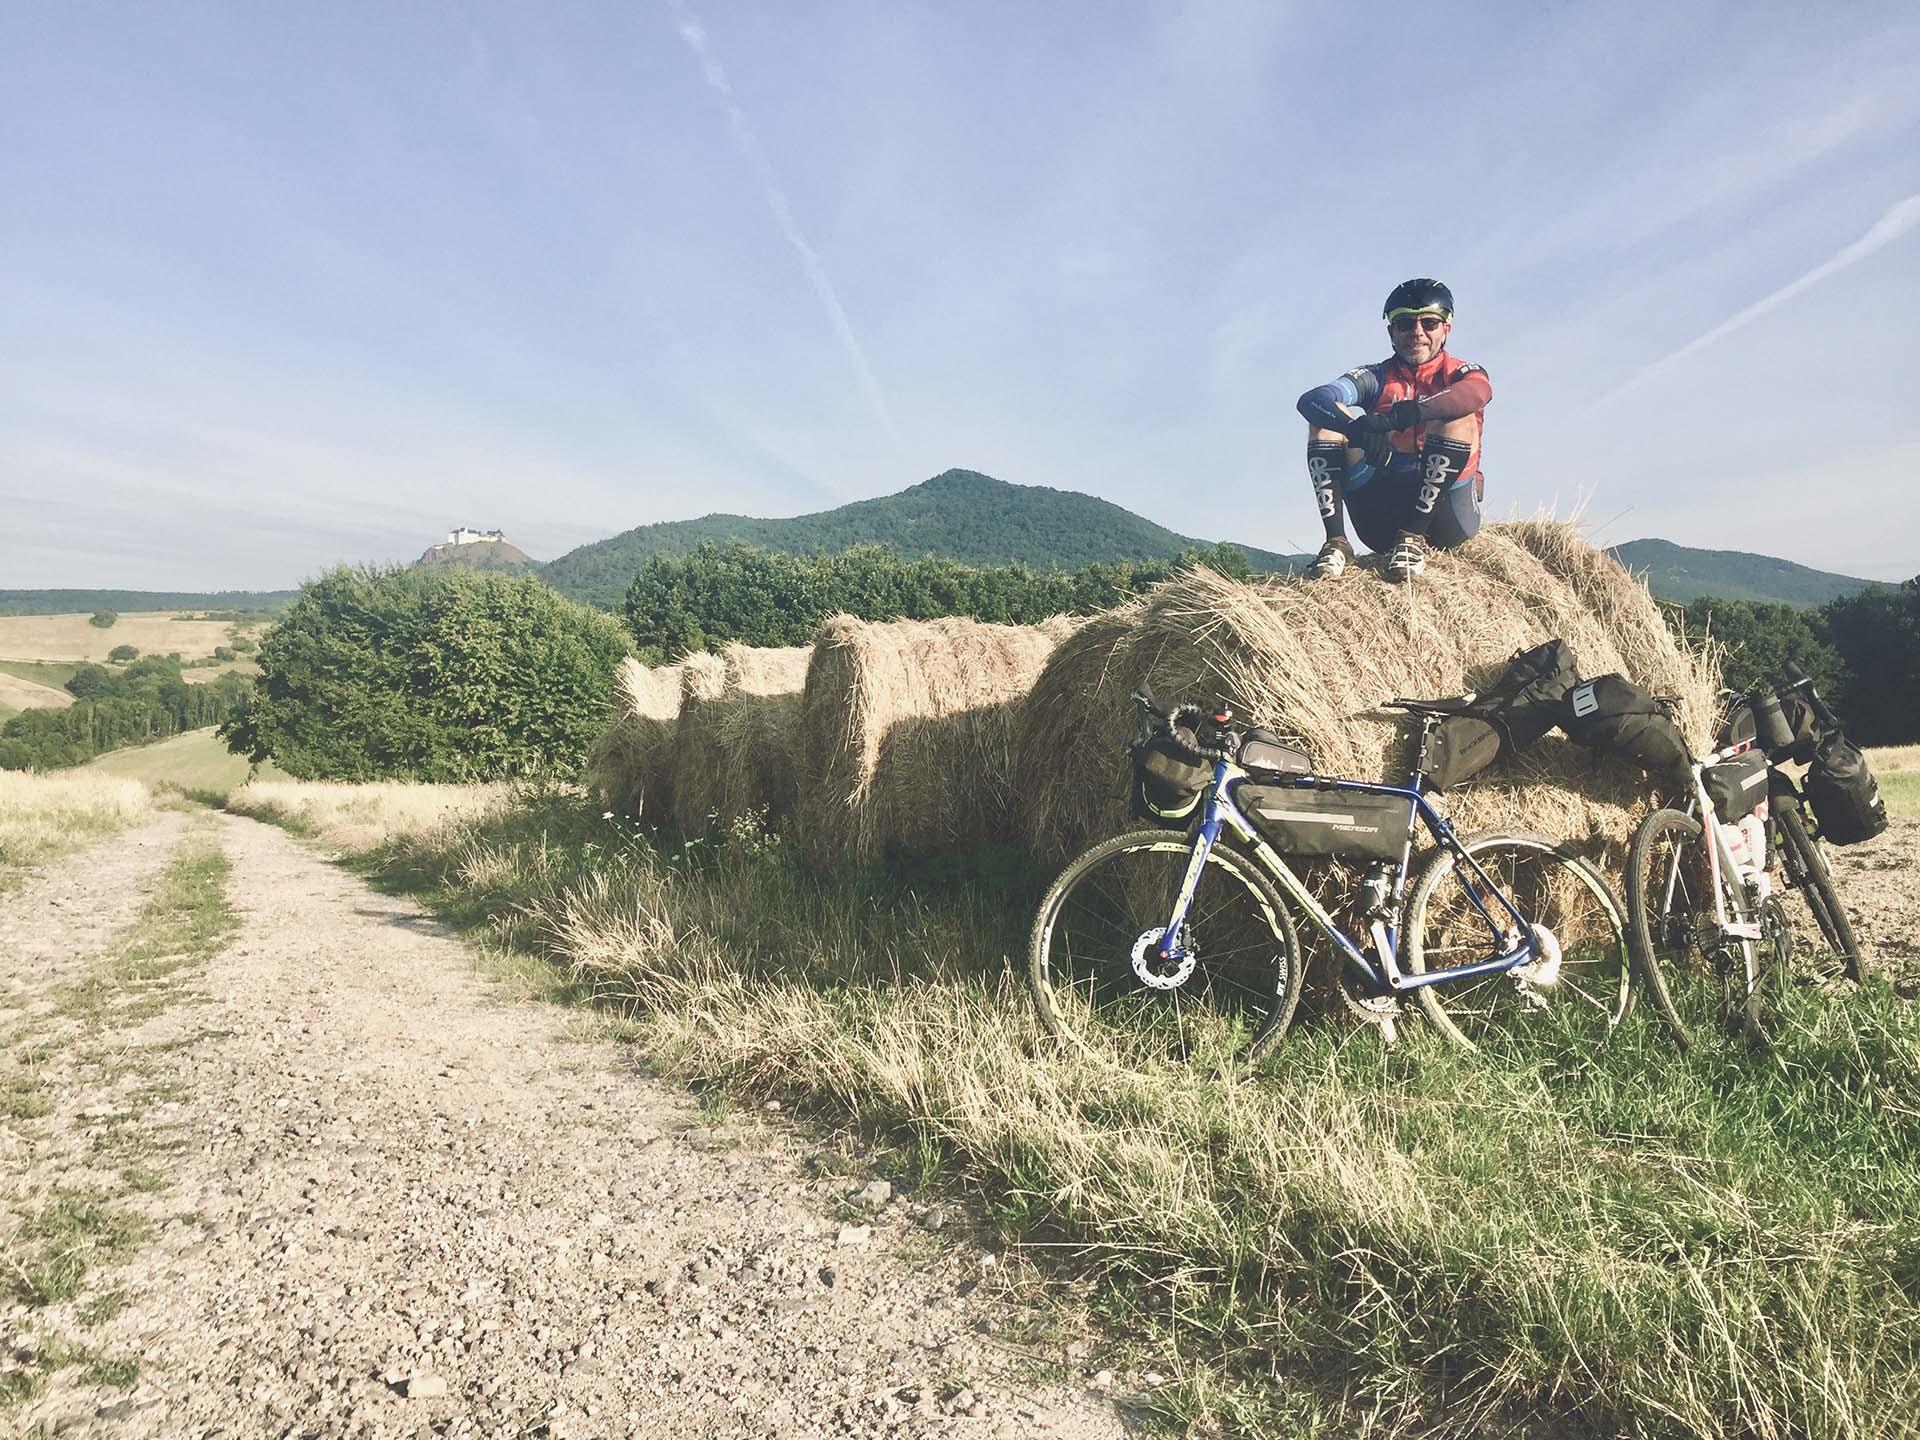 Európa egyik legkeményebb offroad kerékpártúrája van kialakulóban hazánkban - A Hungarian Divide-2